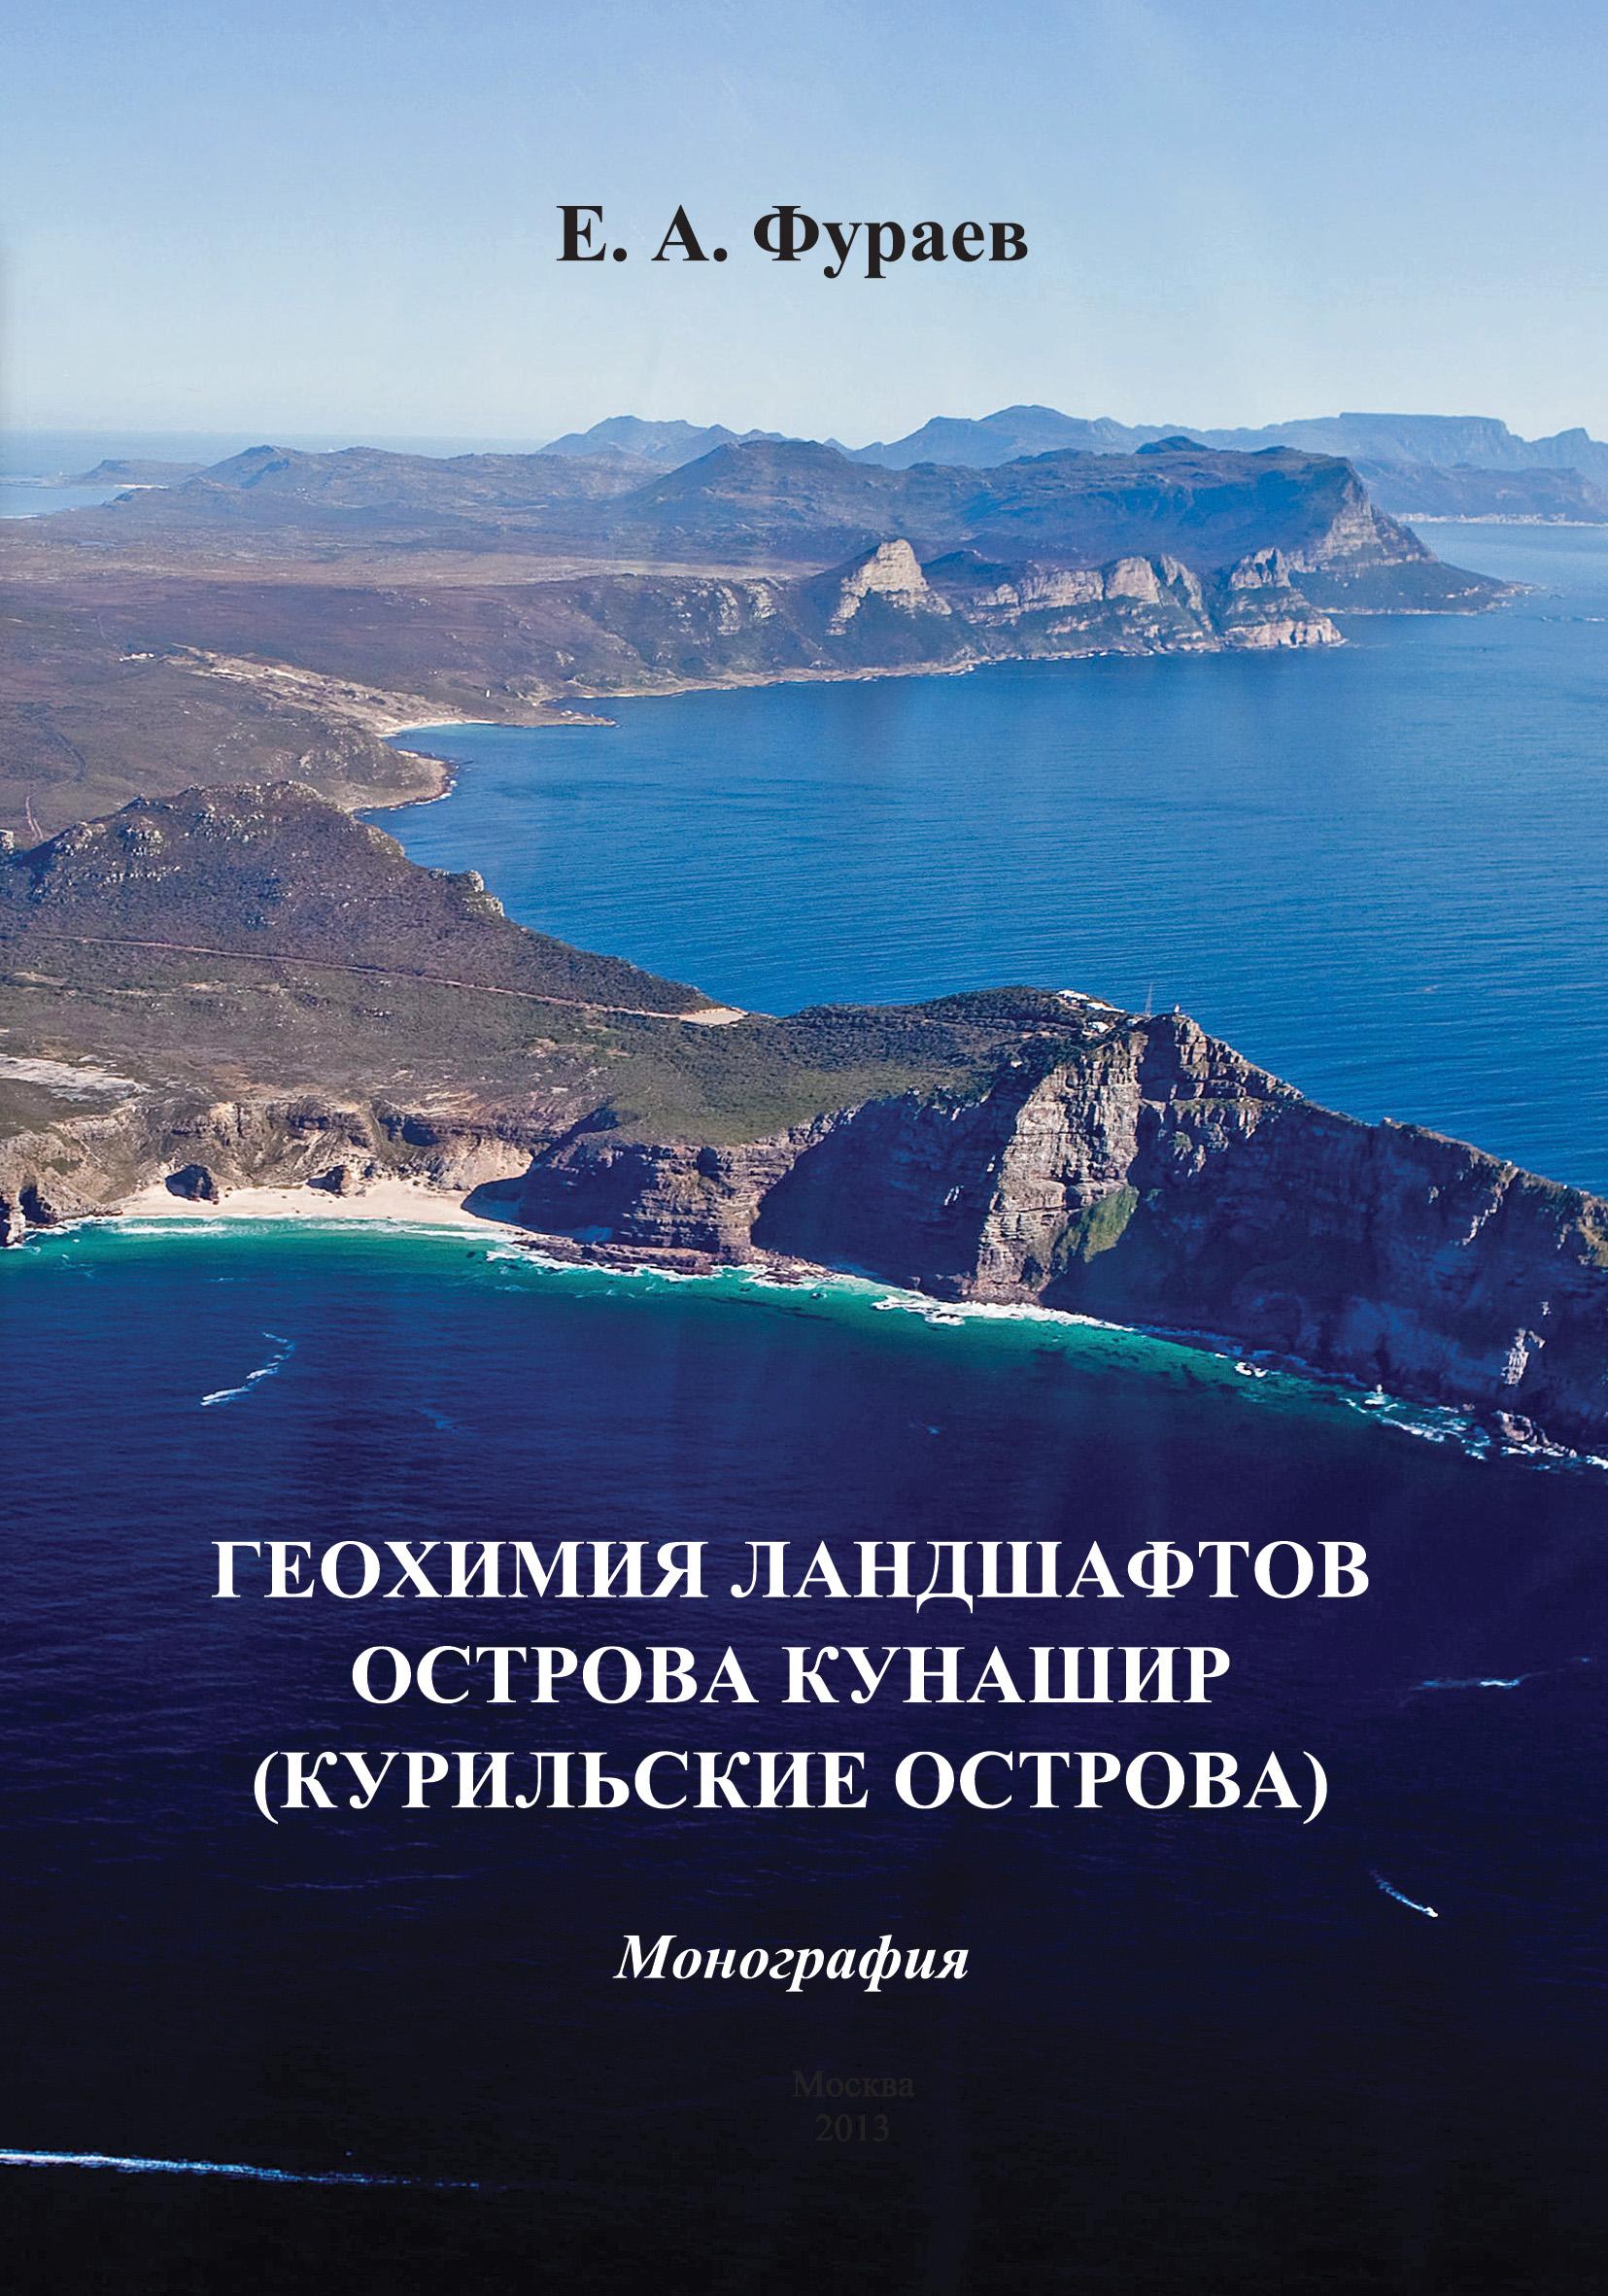 Геохимия ландшафтов острова Кунашир (Курильские острова)